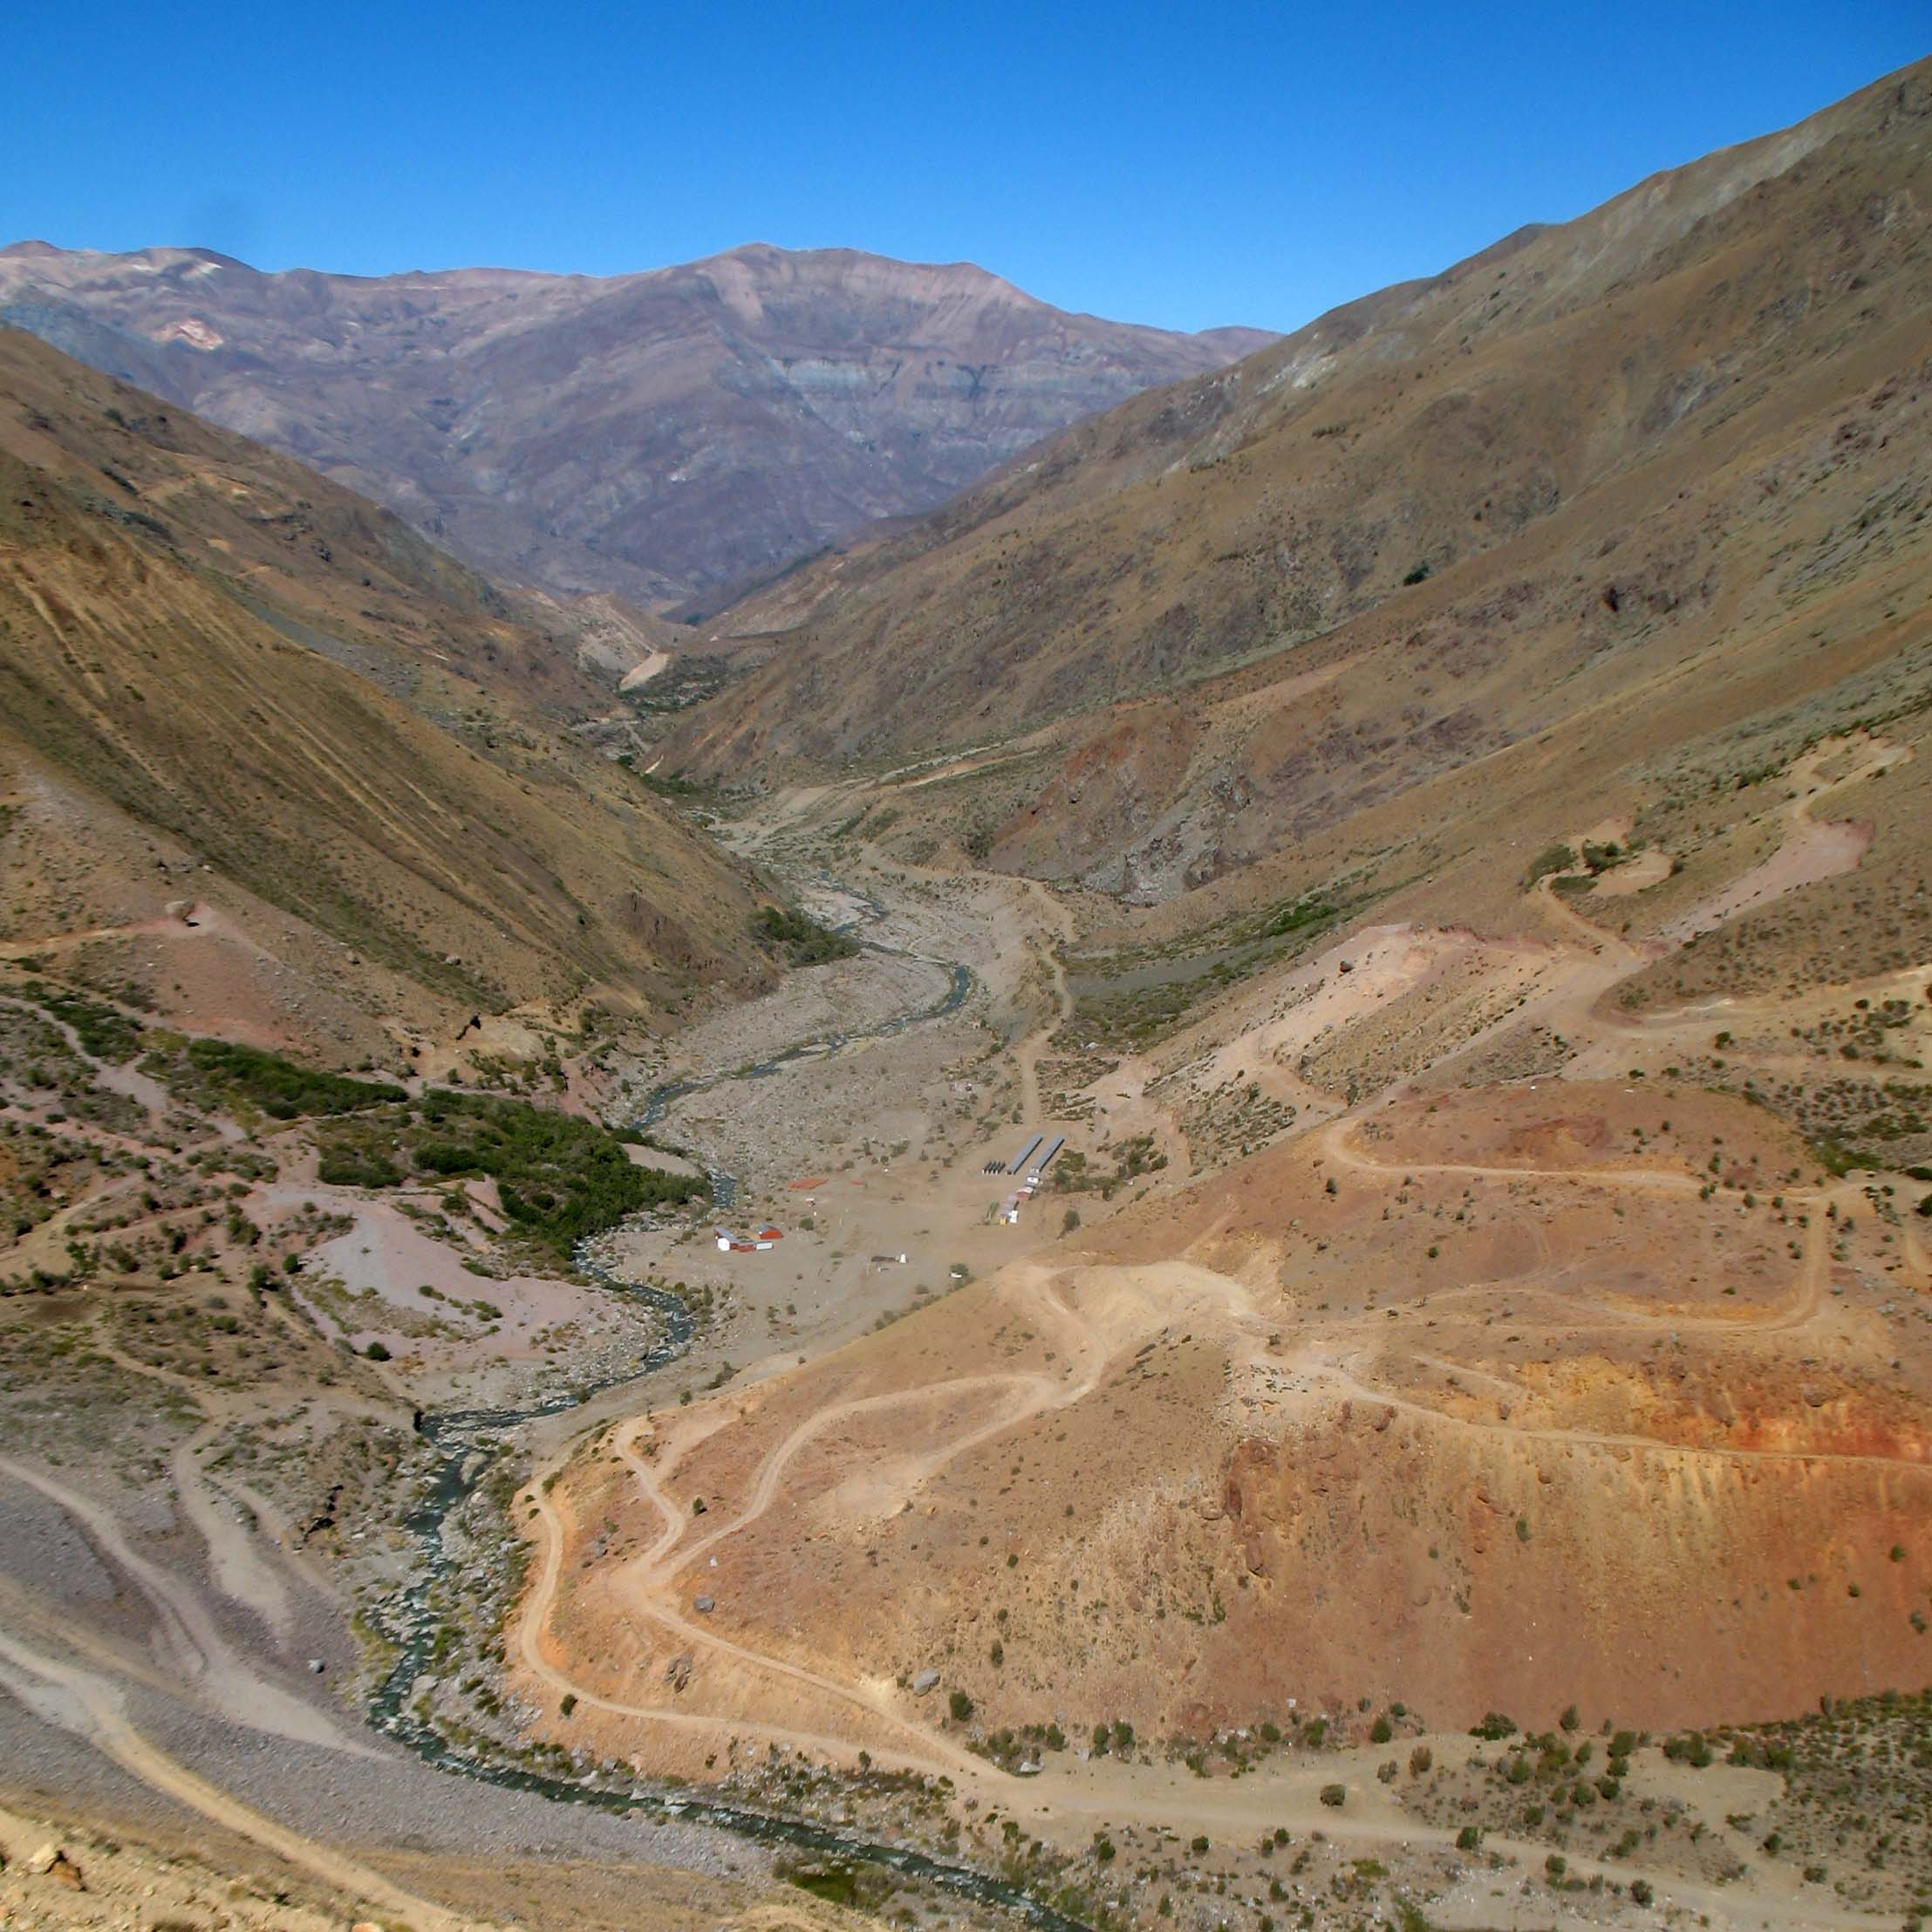 2012-04-18 Vizcachitas Looking South